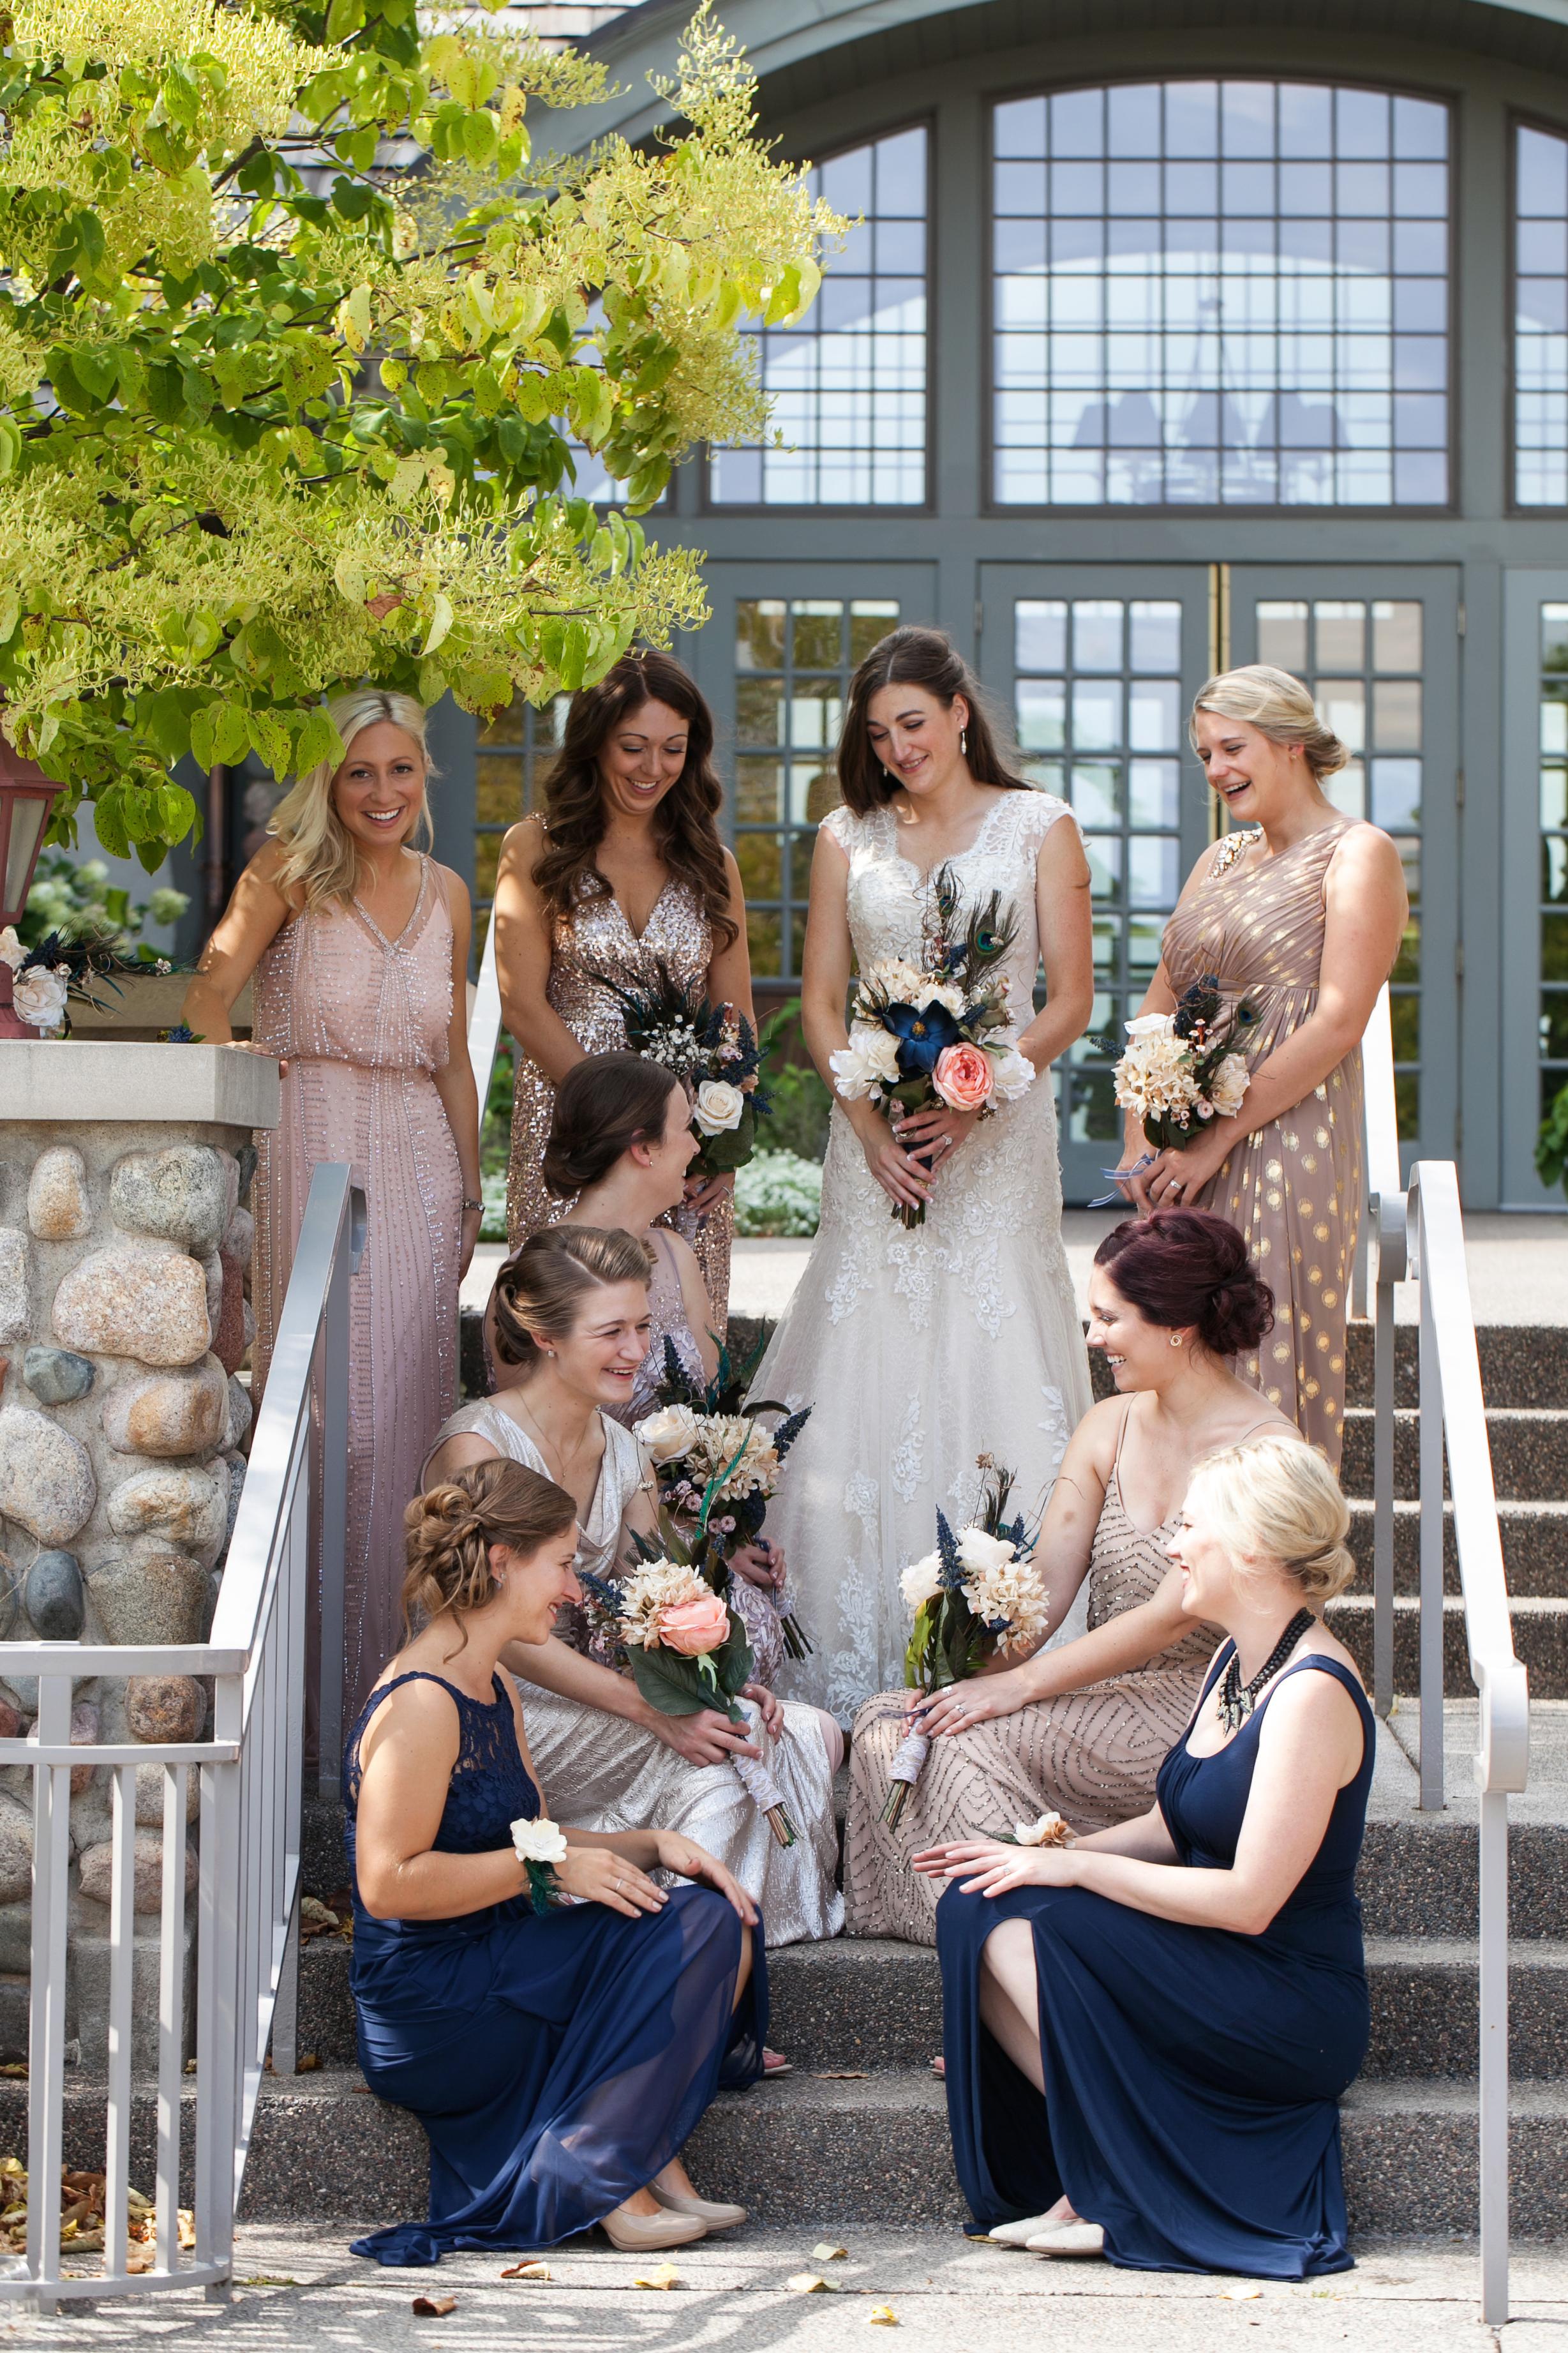 WeddingParty06web.jpg